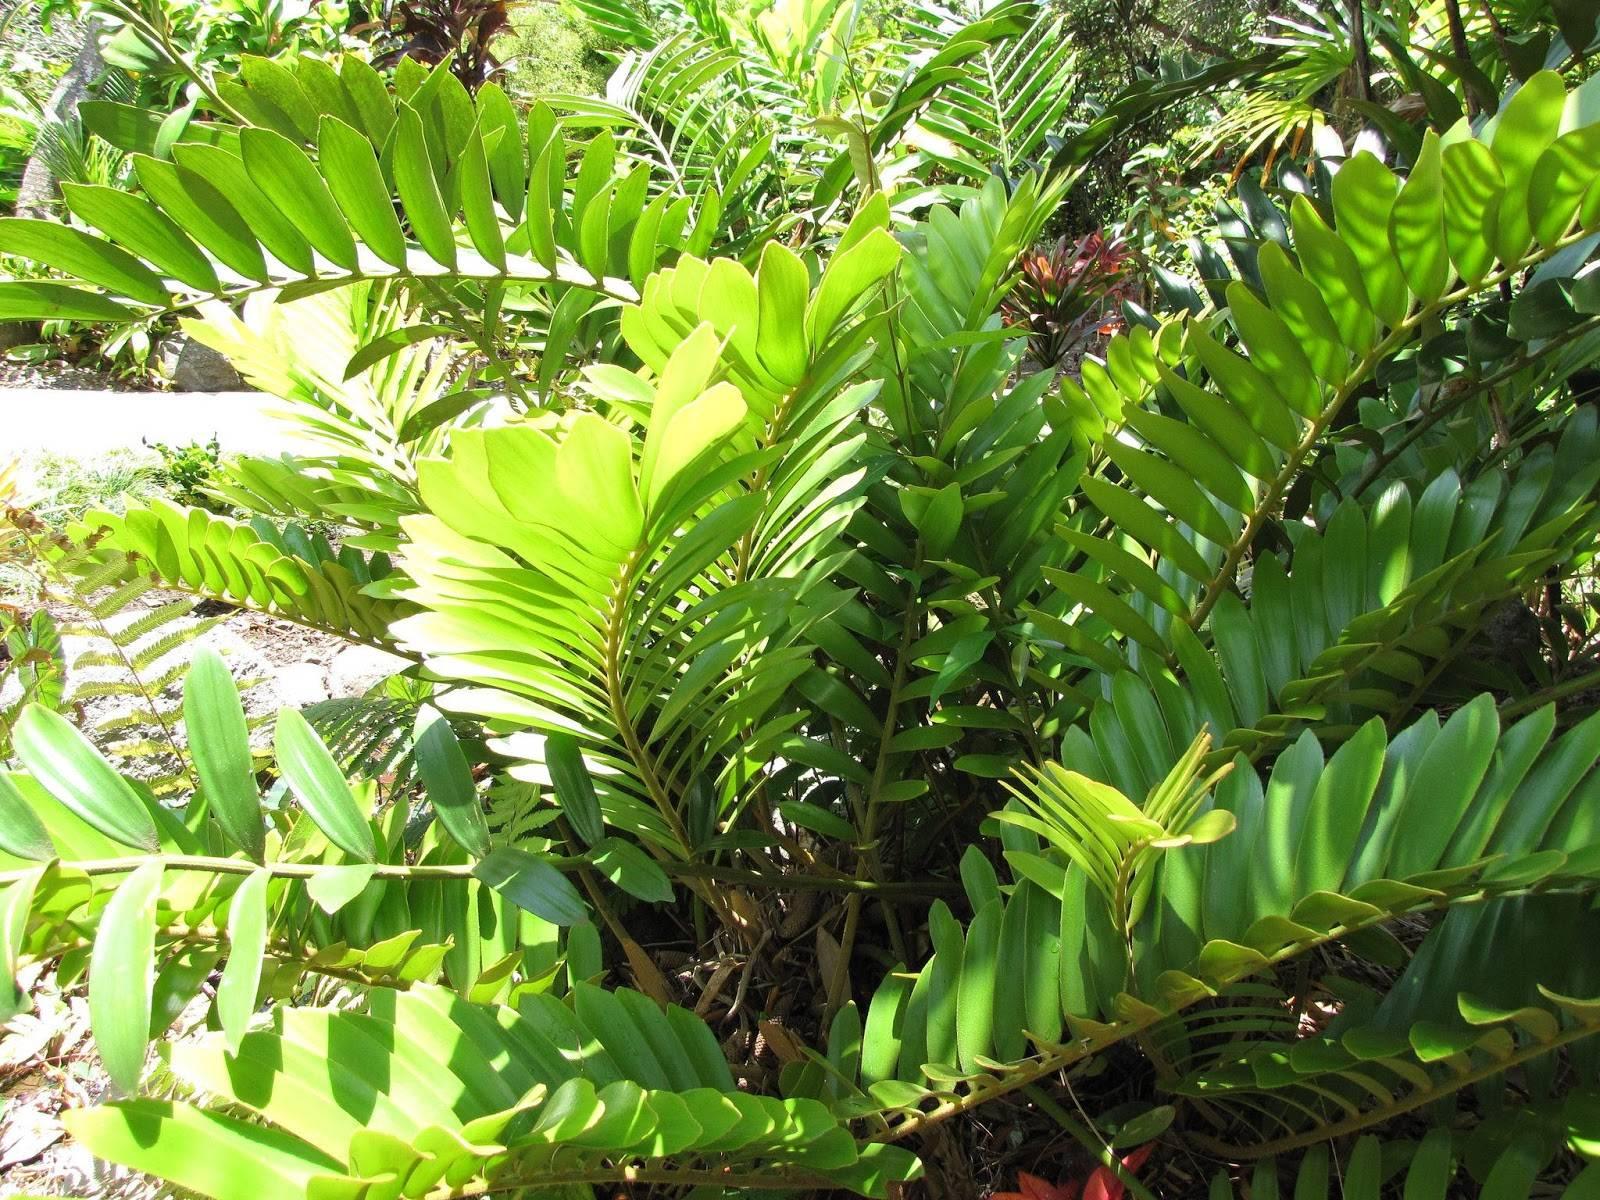 Долларовое дерево в домашних условиях: как ухаживать, размножить и пересадить